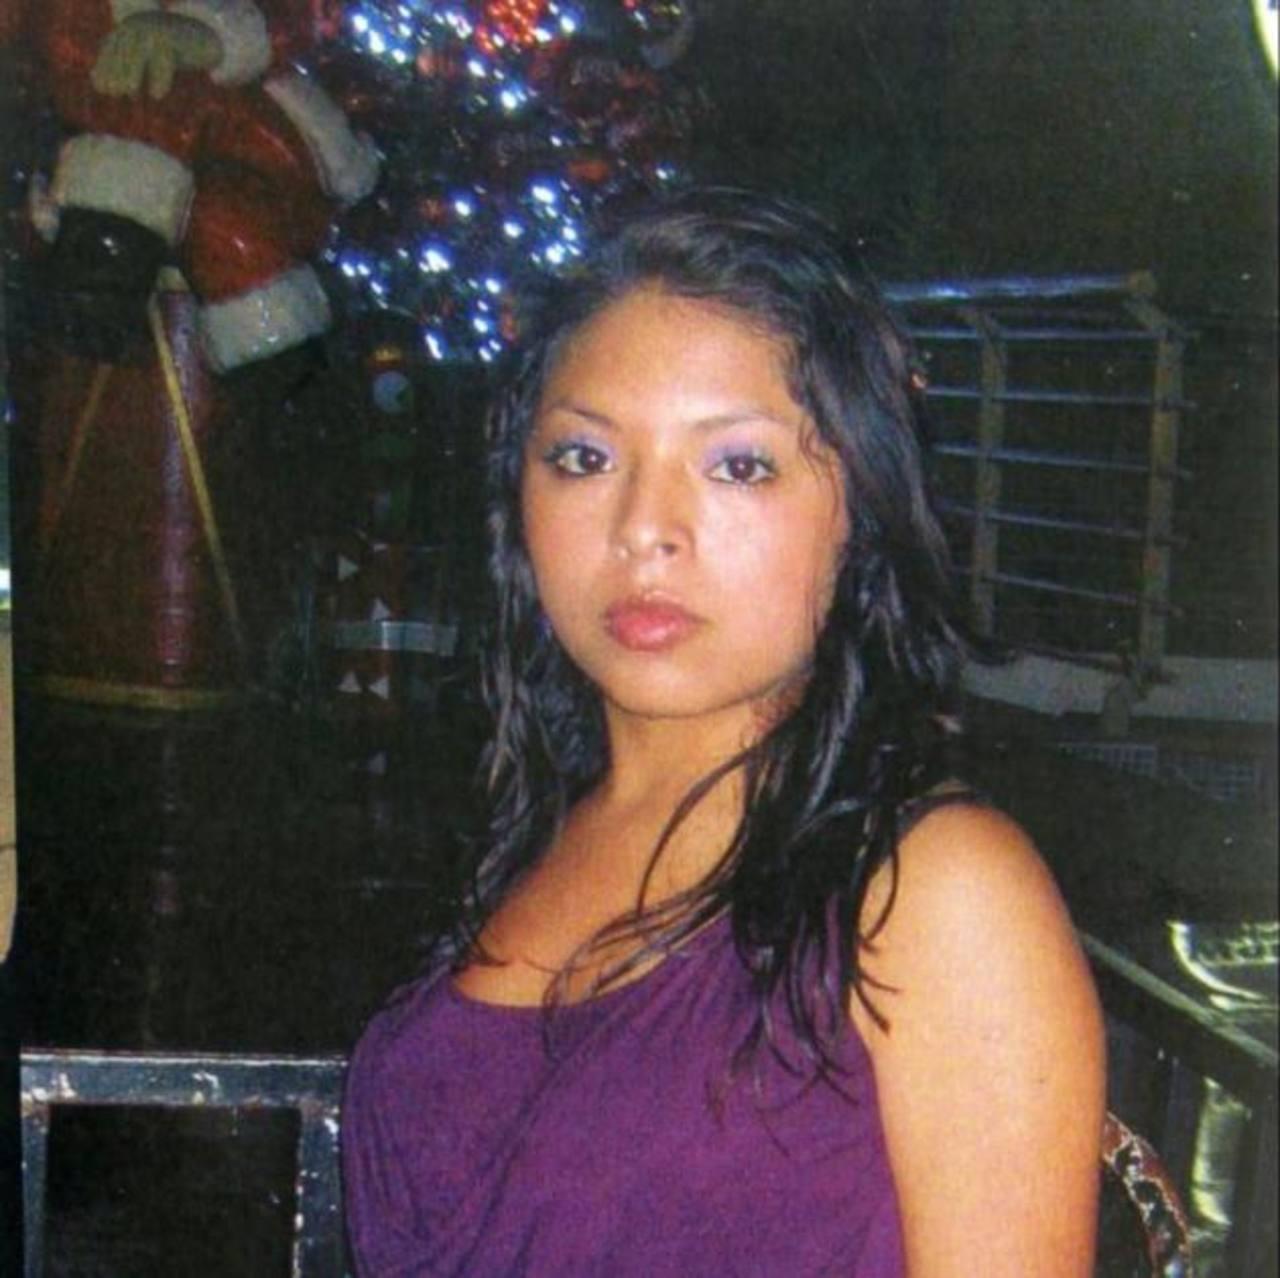 Jovencita de 16 años desaparece en centro de San Salvador